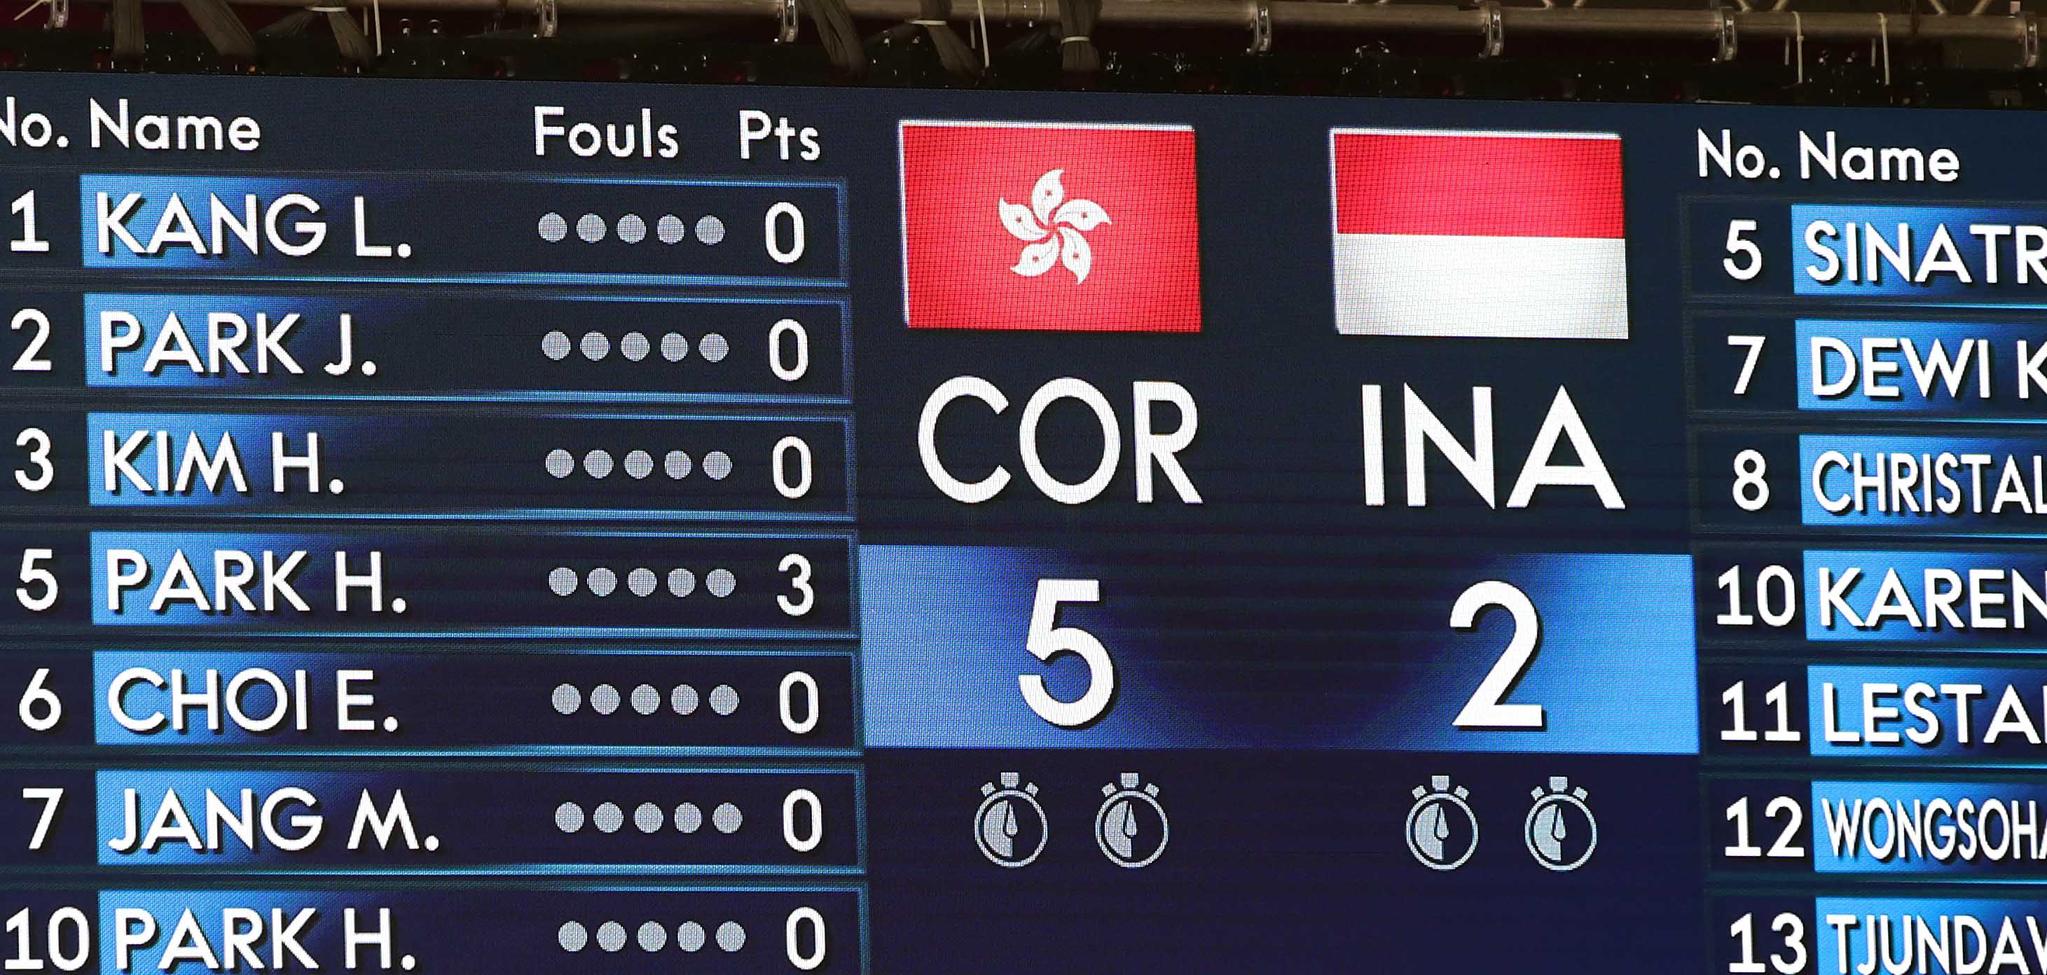 15일 오후 인도네시아 자카르타 GBK 바스켓홀에서 열린 2018 자카르타-팔렘방 아시안게임 여자 농구 예선 A조 1차전에서 남북단일팀 국기에 홍콩국기가 걸려 있다. 2018.8.15./뉴스1